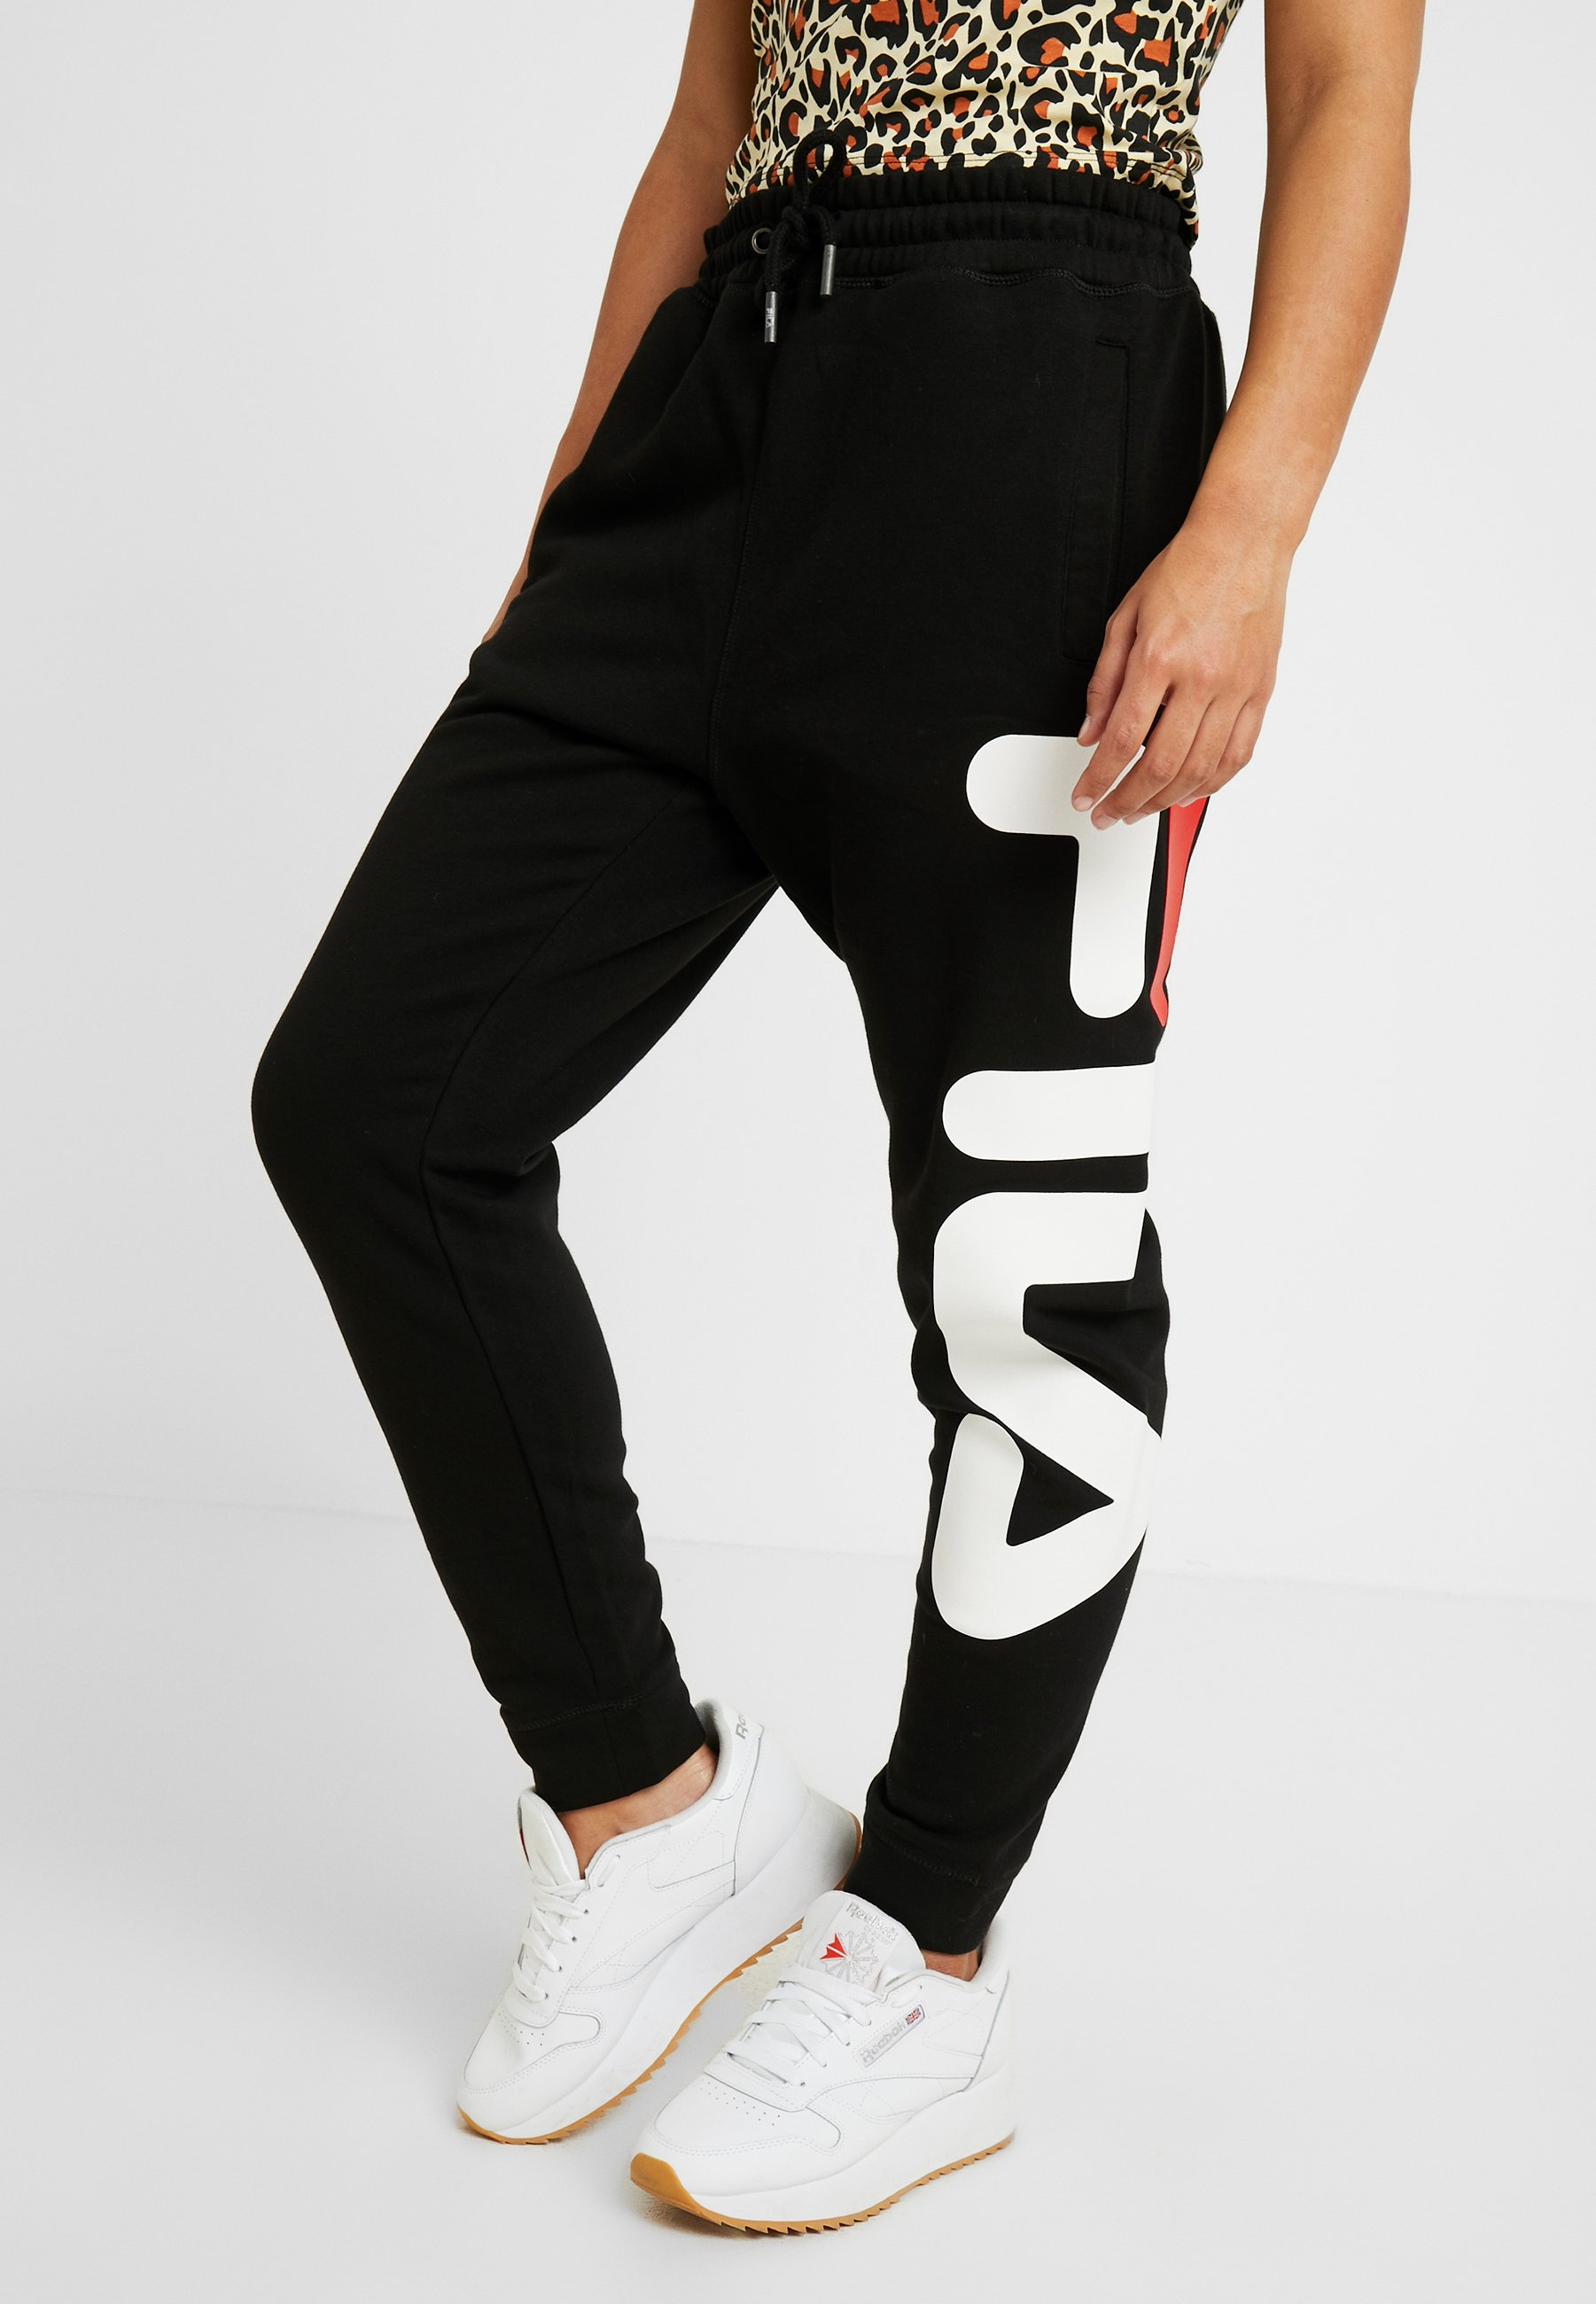 Fila Træningsbukser   Damer   Køb dine nye træningsbukser